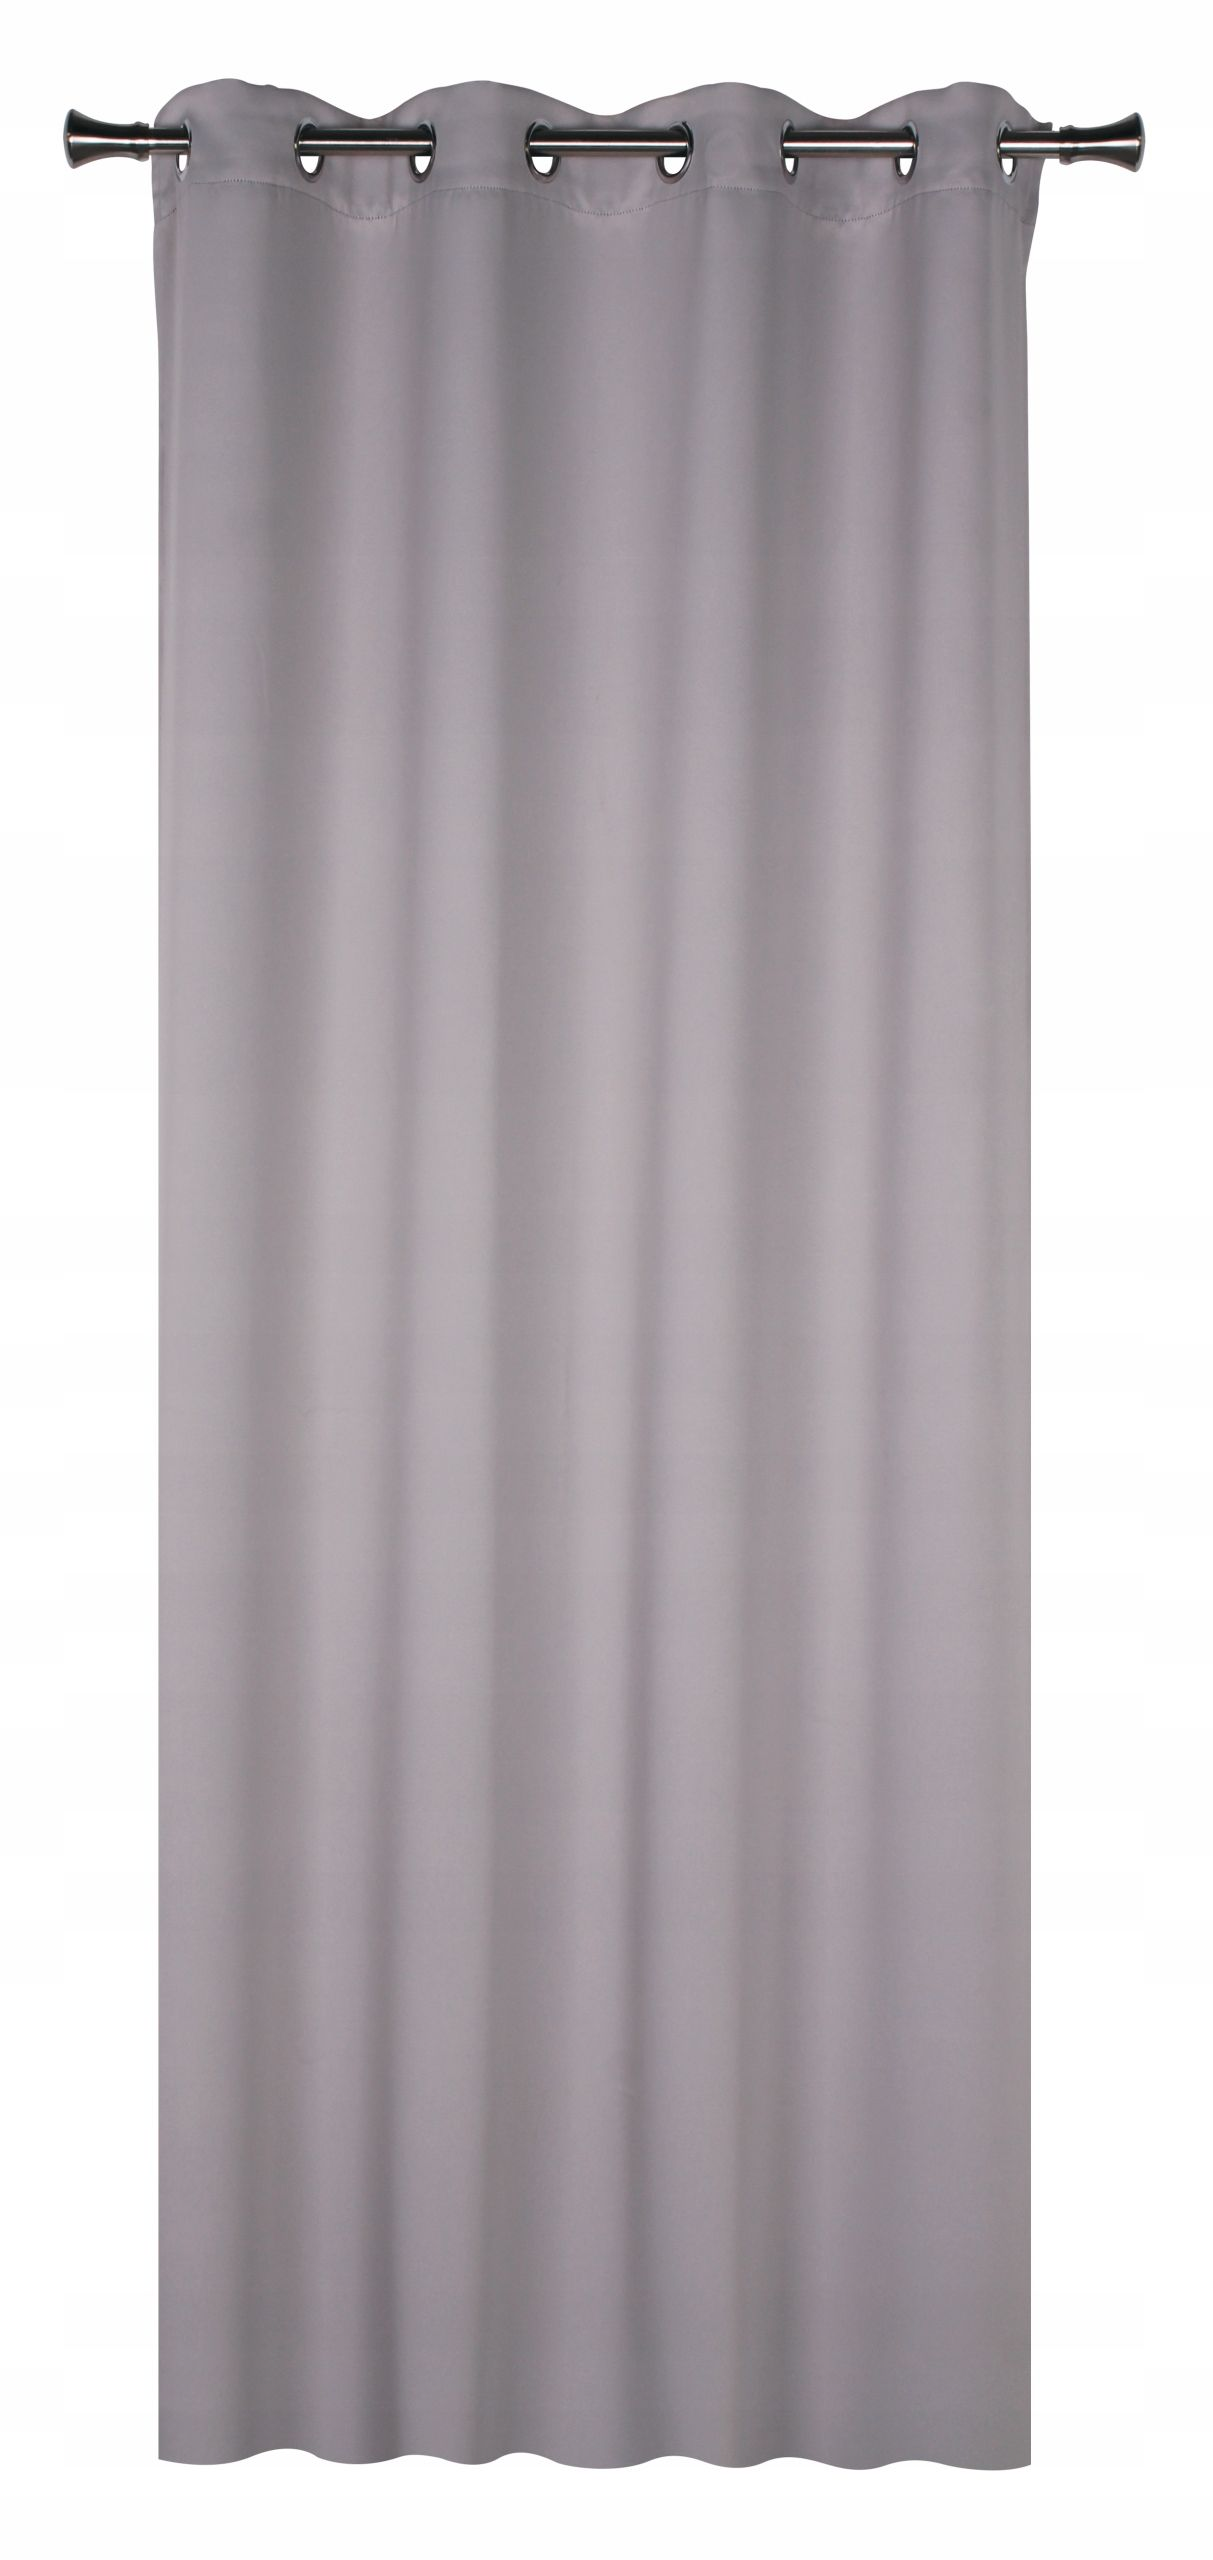 Gotowa Zaslona Blackout Gruba Mix Kolorow 140x250 8340322132 Oficjalne Archiwum Allegro Basic Shower Curtain Shower Curtain Curtains